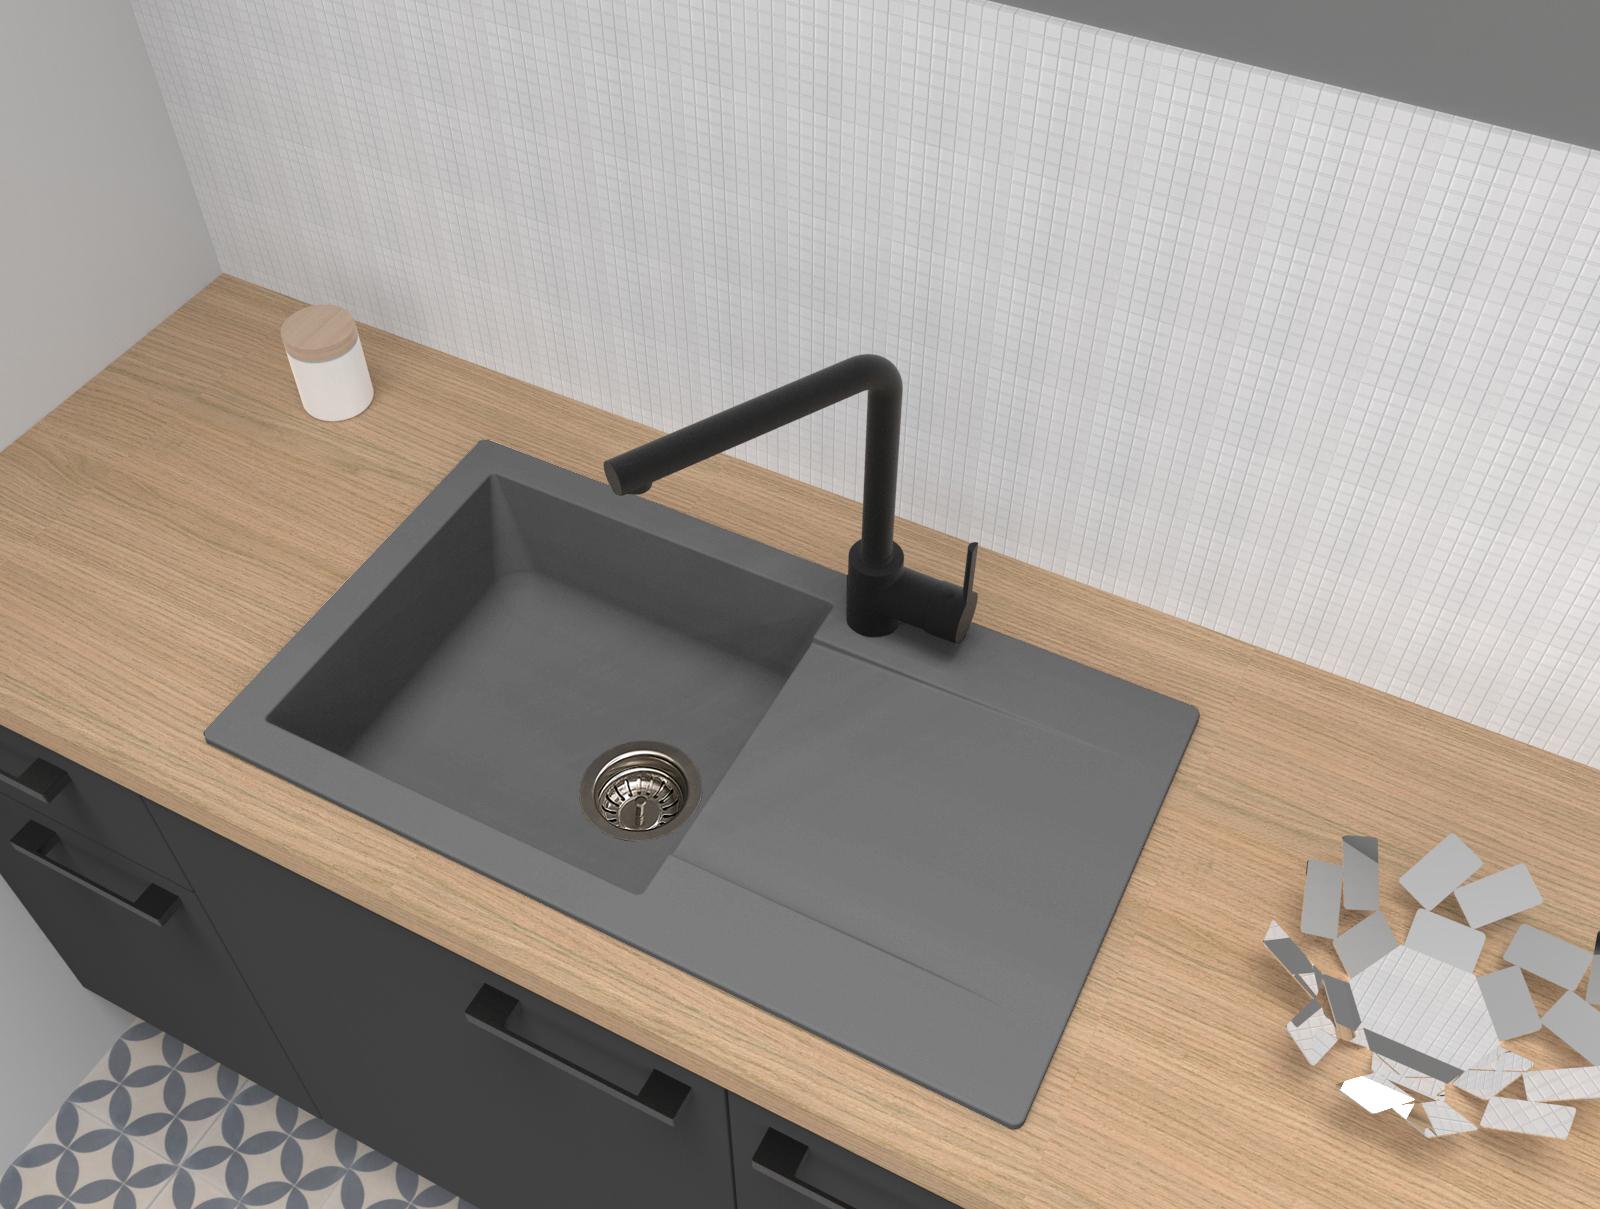 Spüle Küchenspüle Einbauspüle Granitspüle Mineralite 78 x 44 betongrau respekta